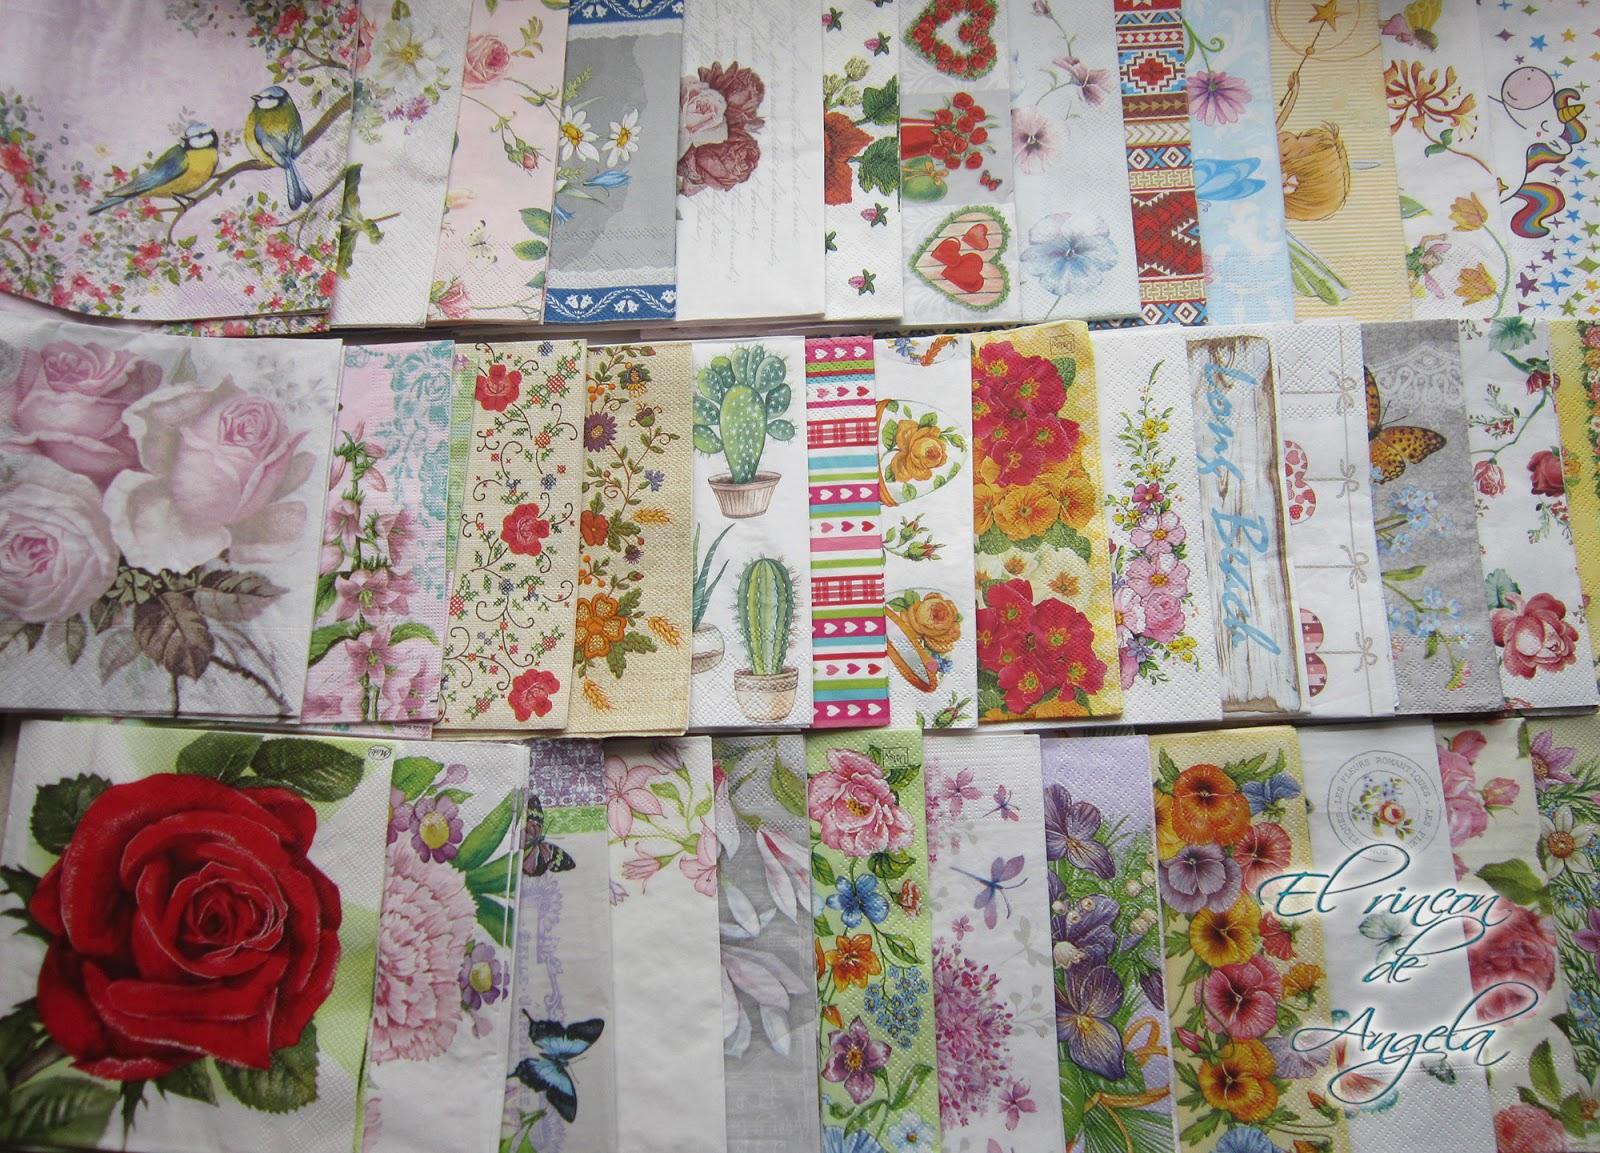 El rincon de angela mi compra de servilletas decoradas - Decoupage con servilletas en muebles ...